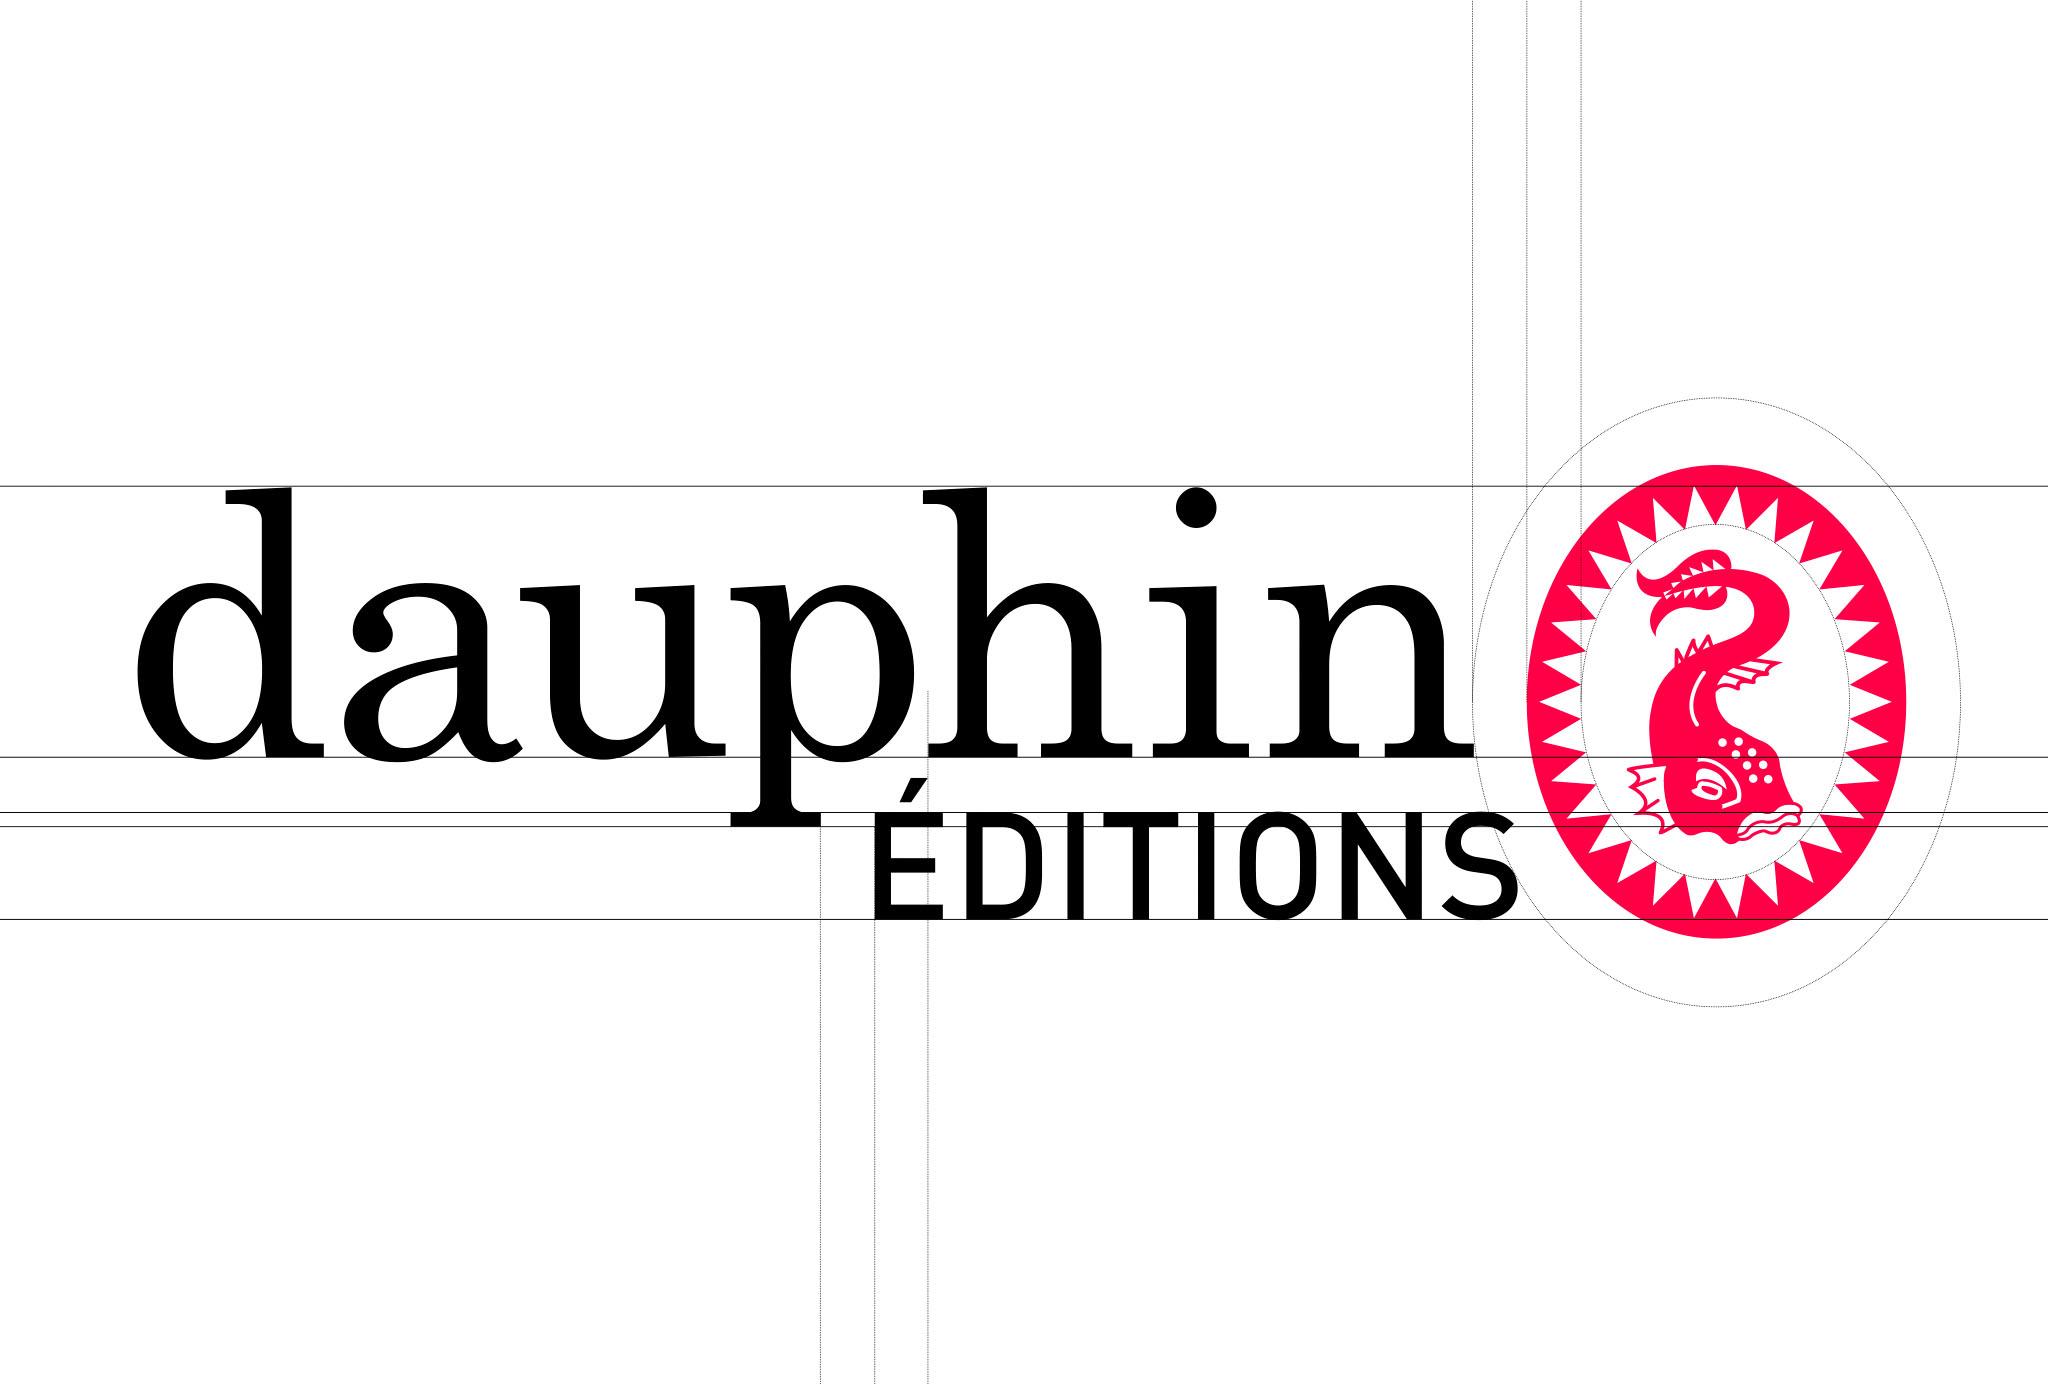 Logo éditions du Dauphin